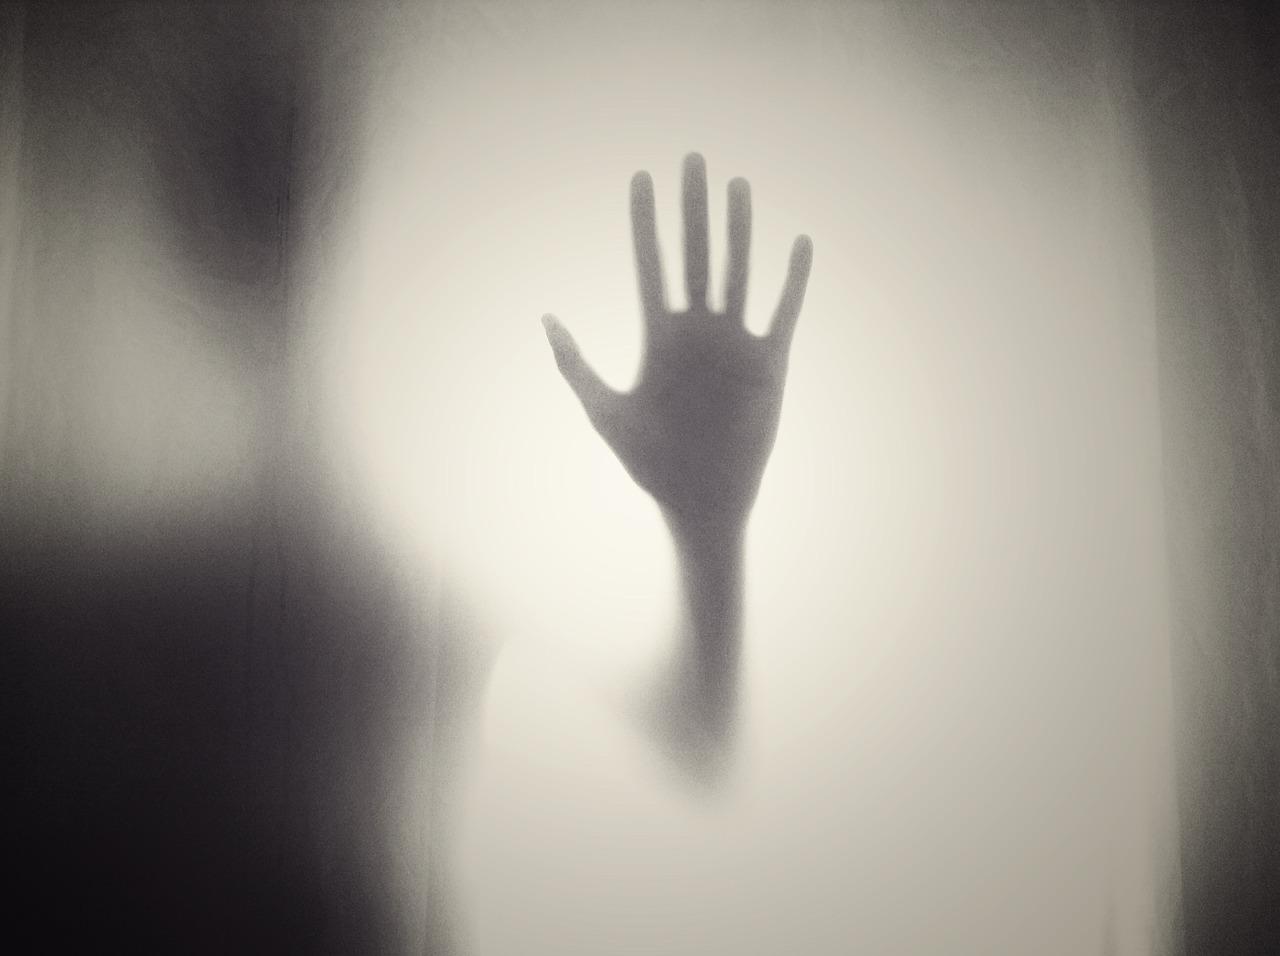 «Пусть не дрогнет рука дающего» — мудрое стихотворение проникающее в глубину души